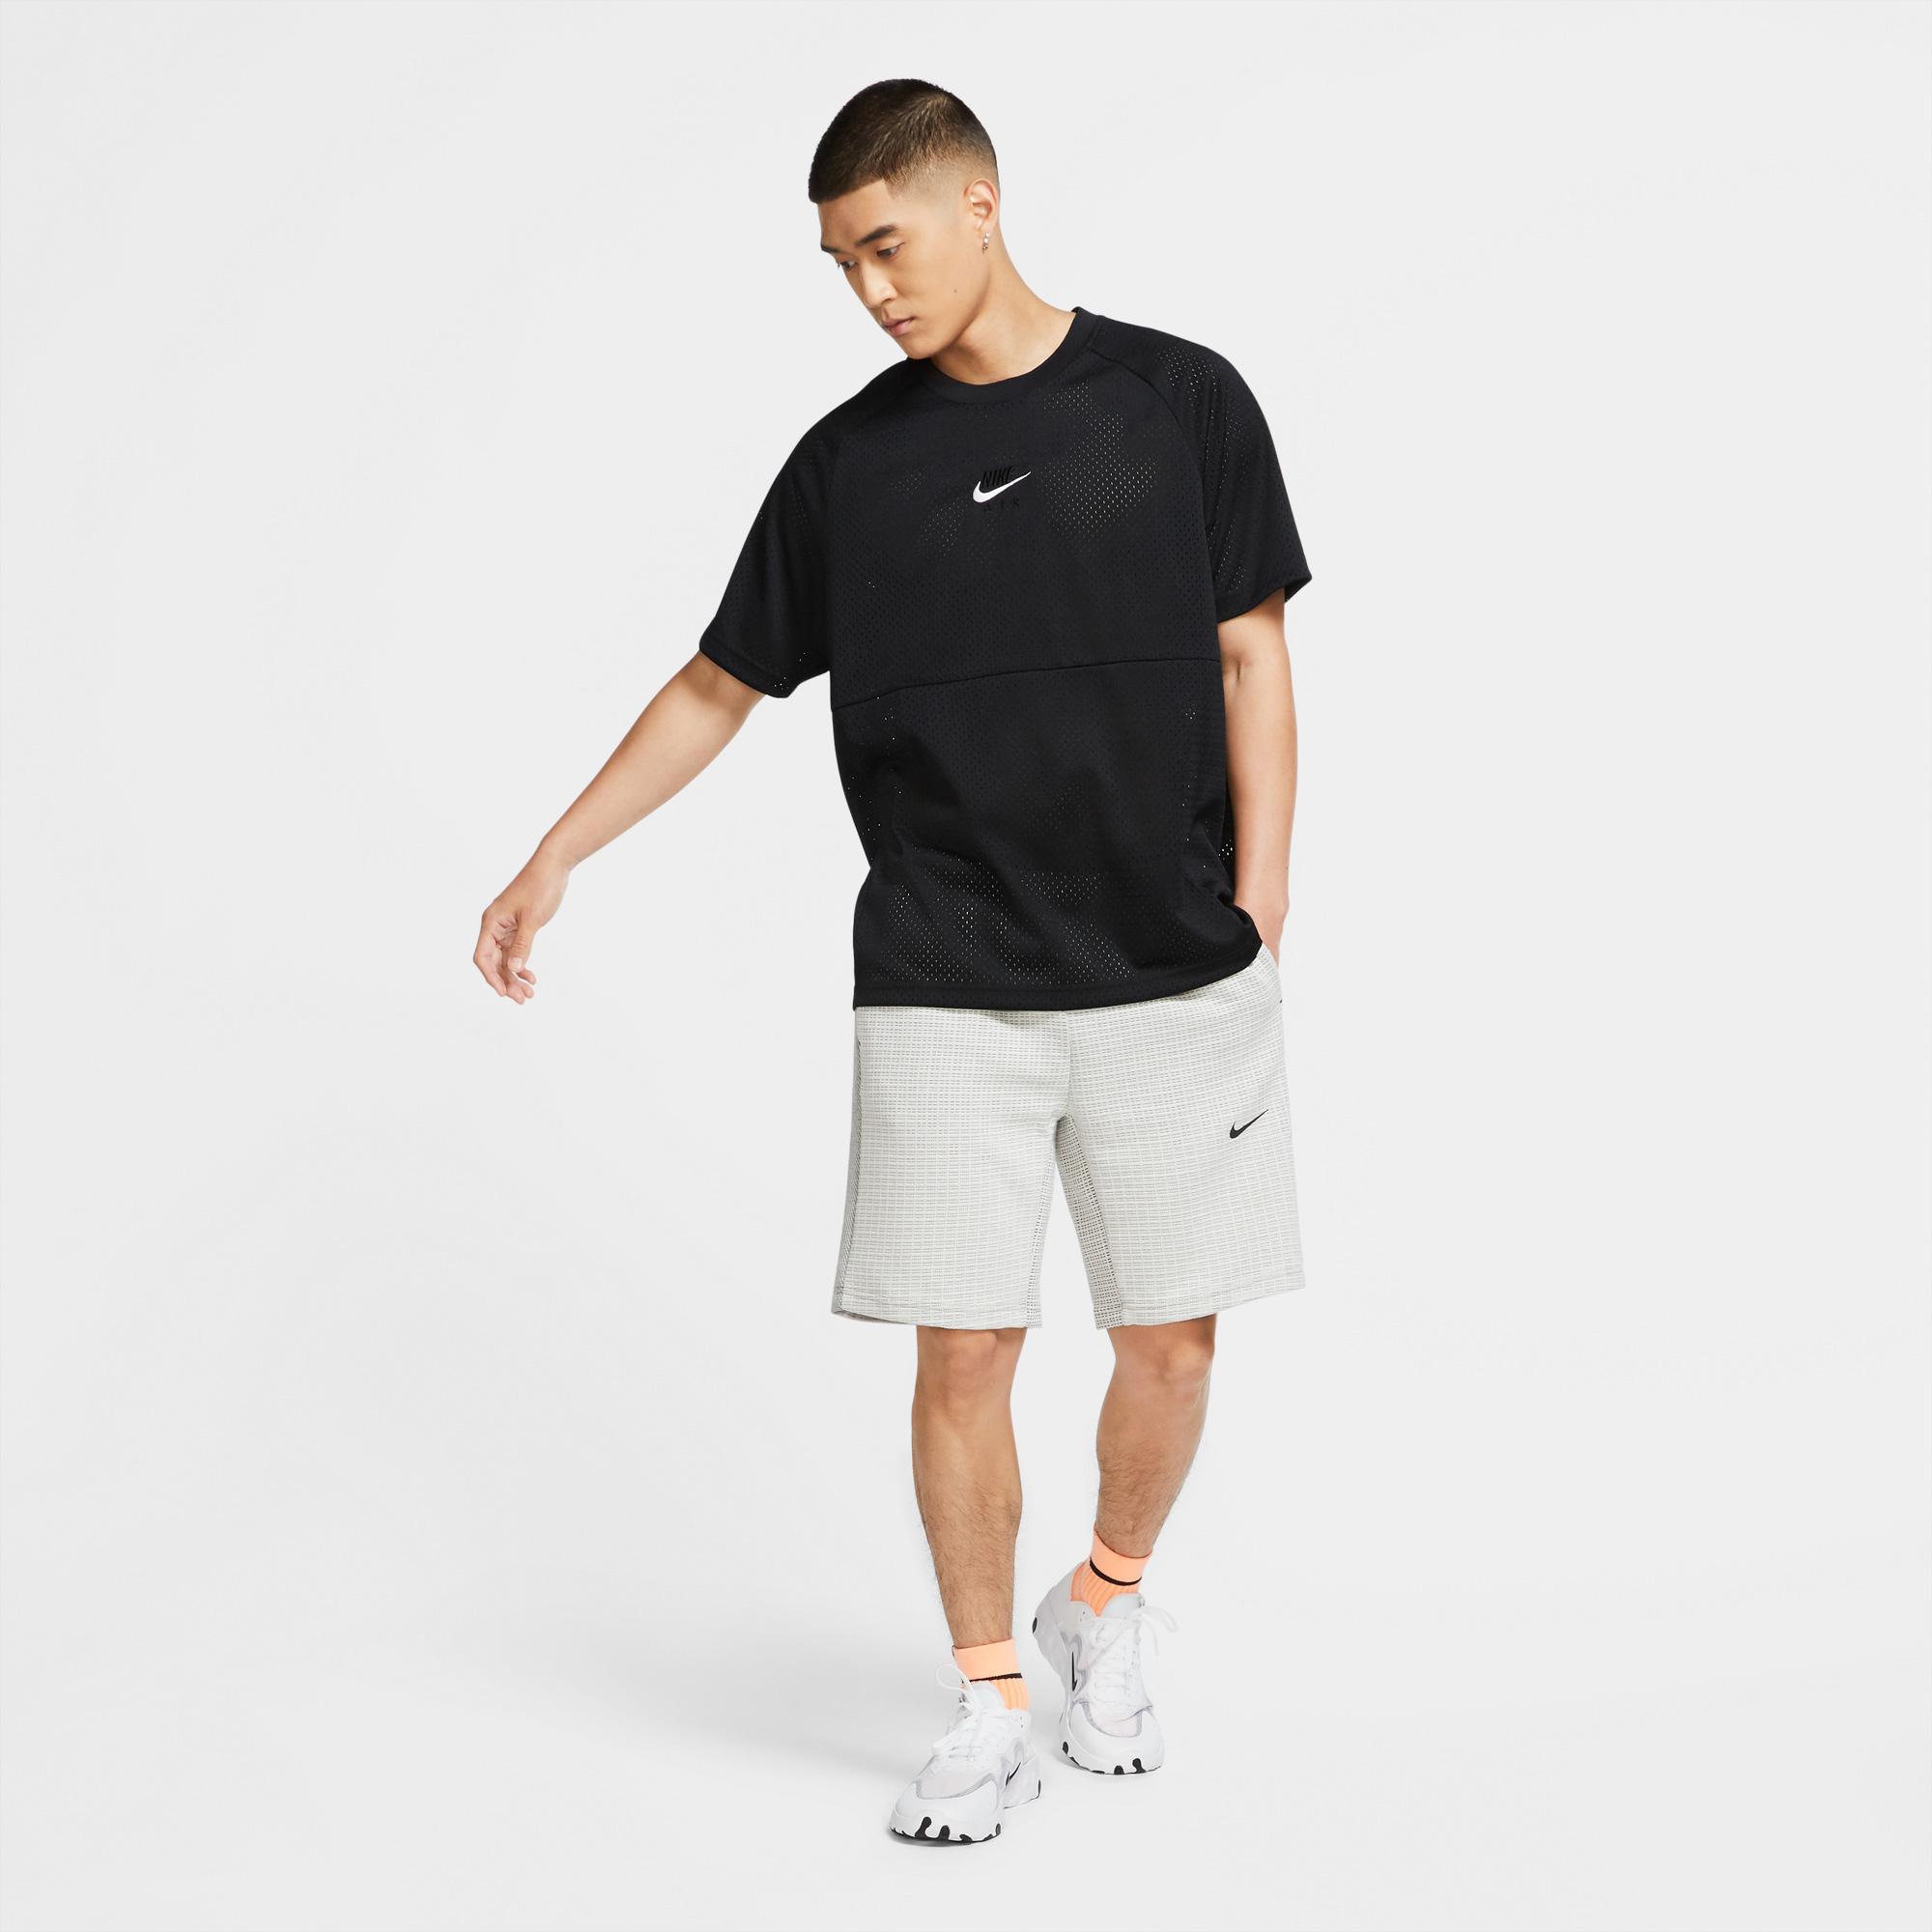 Nike Air+ Erkek Siyah T-Shirt